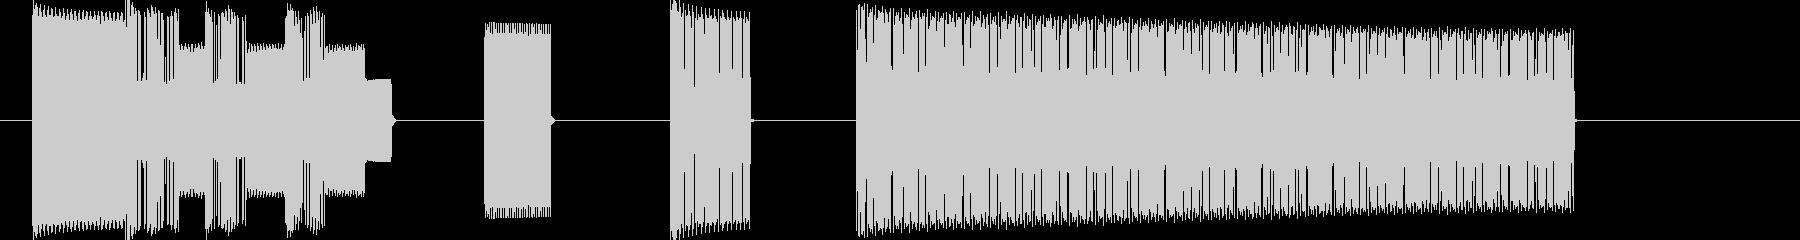 レベルアップ_8bit_ドラクエ風の未再生の波形